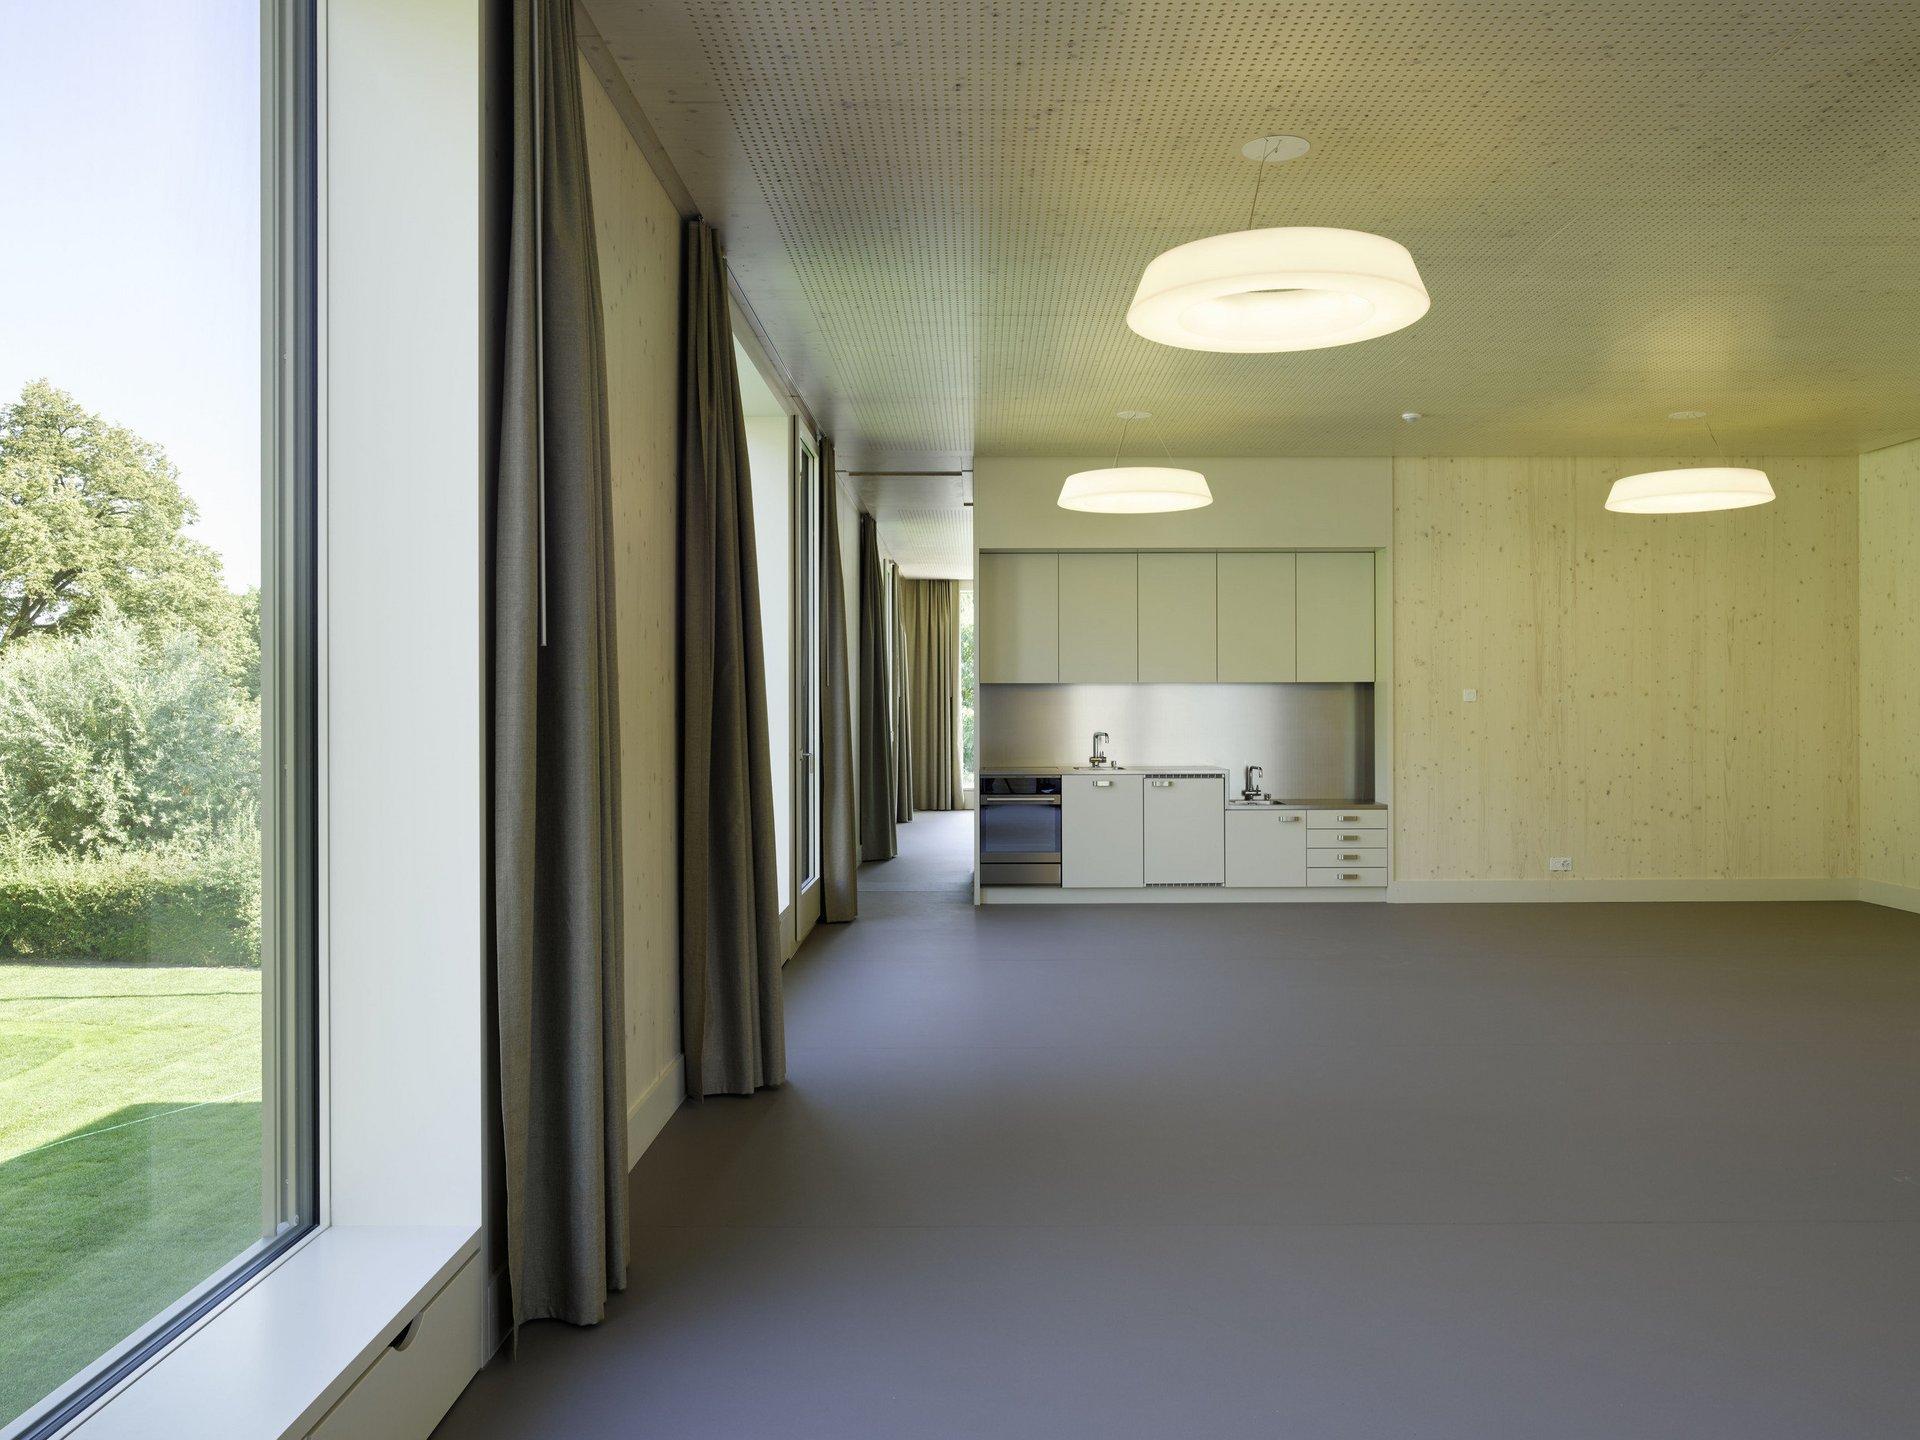 Raum mit Einbauküche in modernem und schlichtem Design